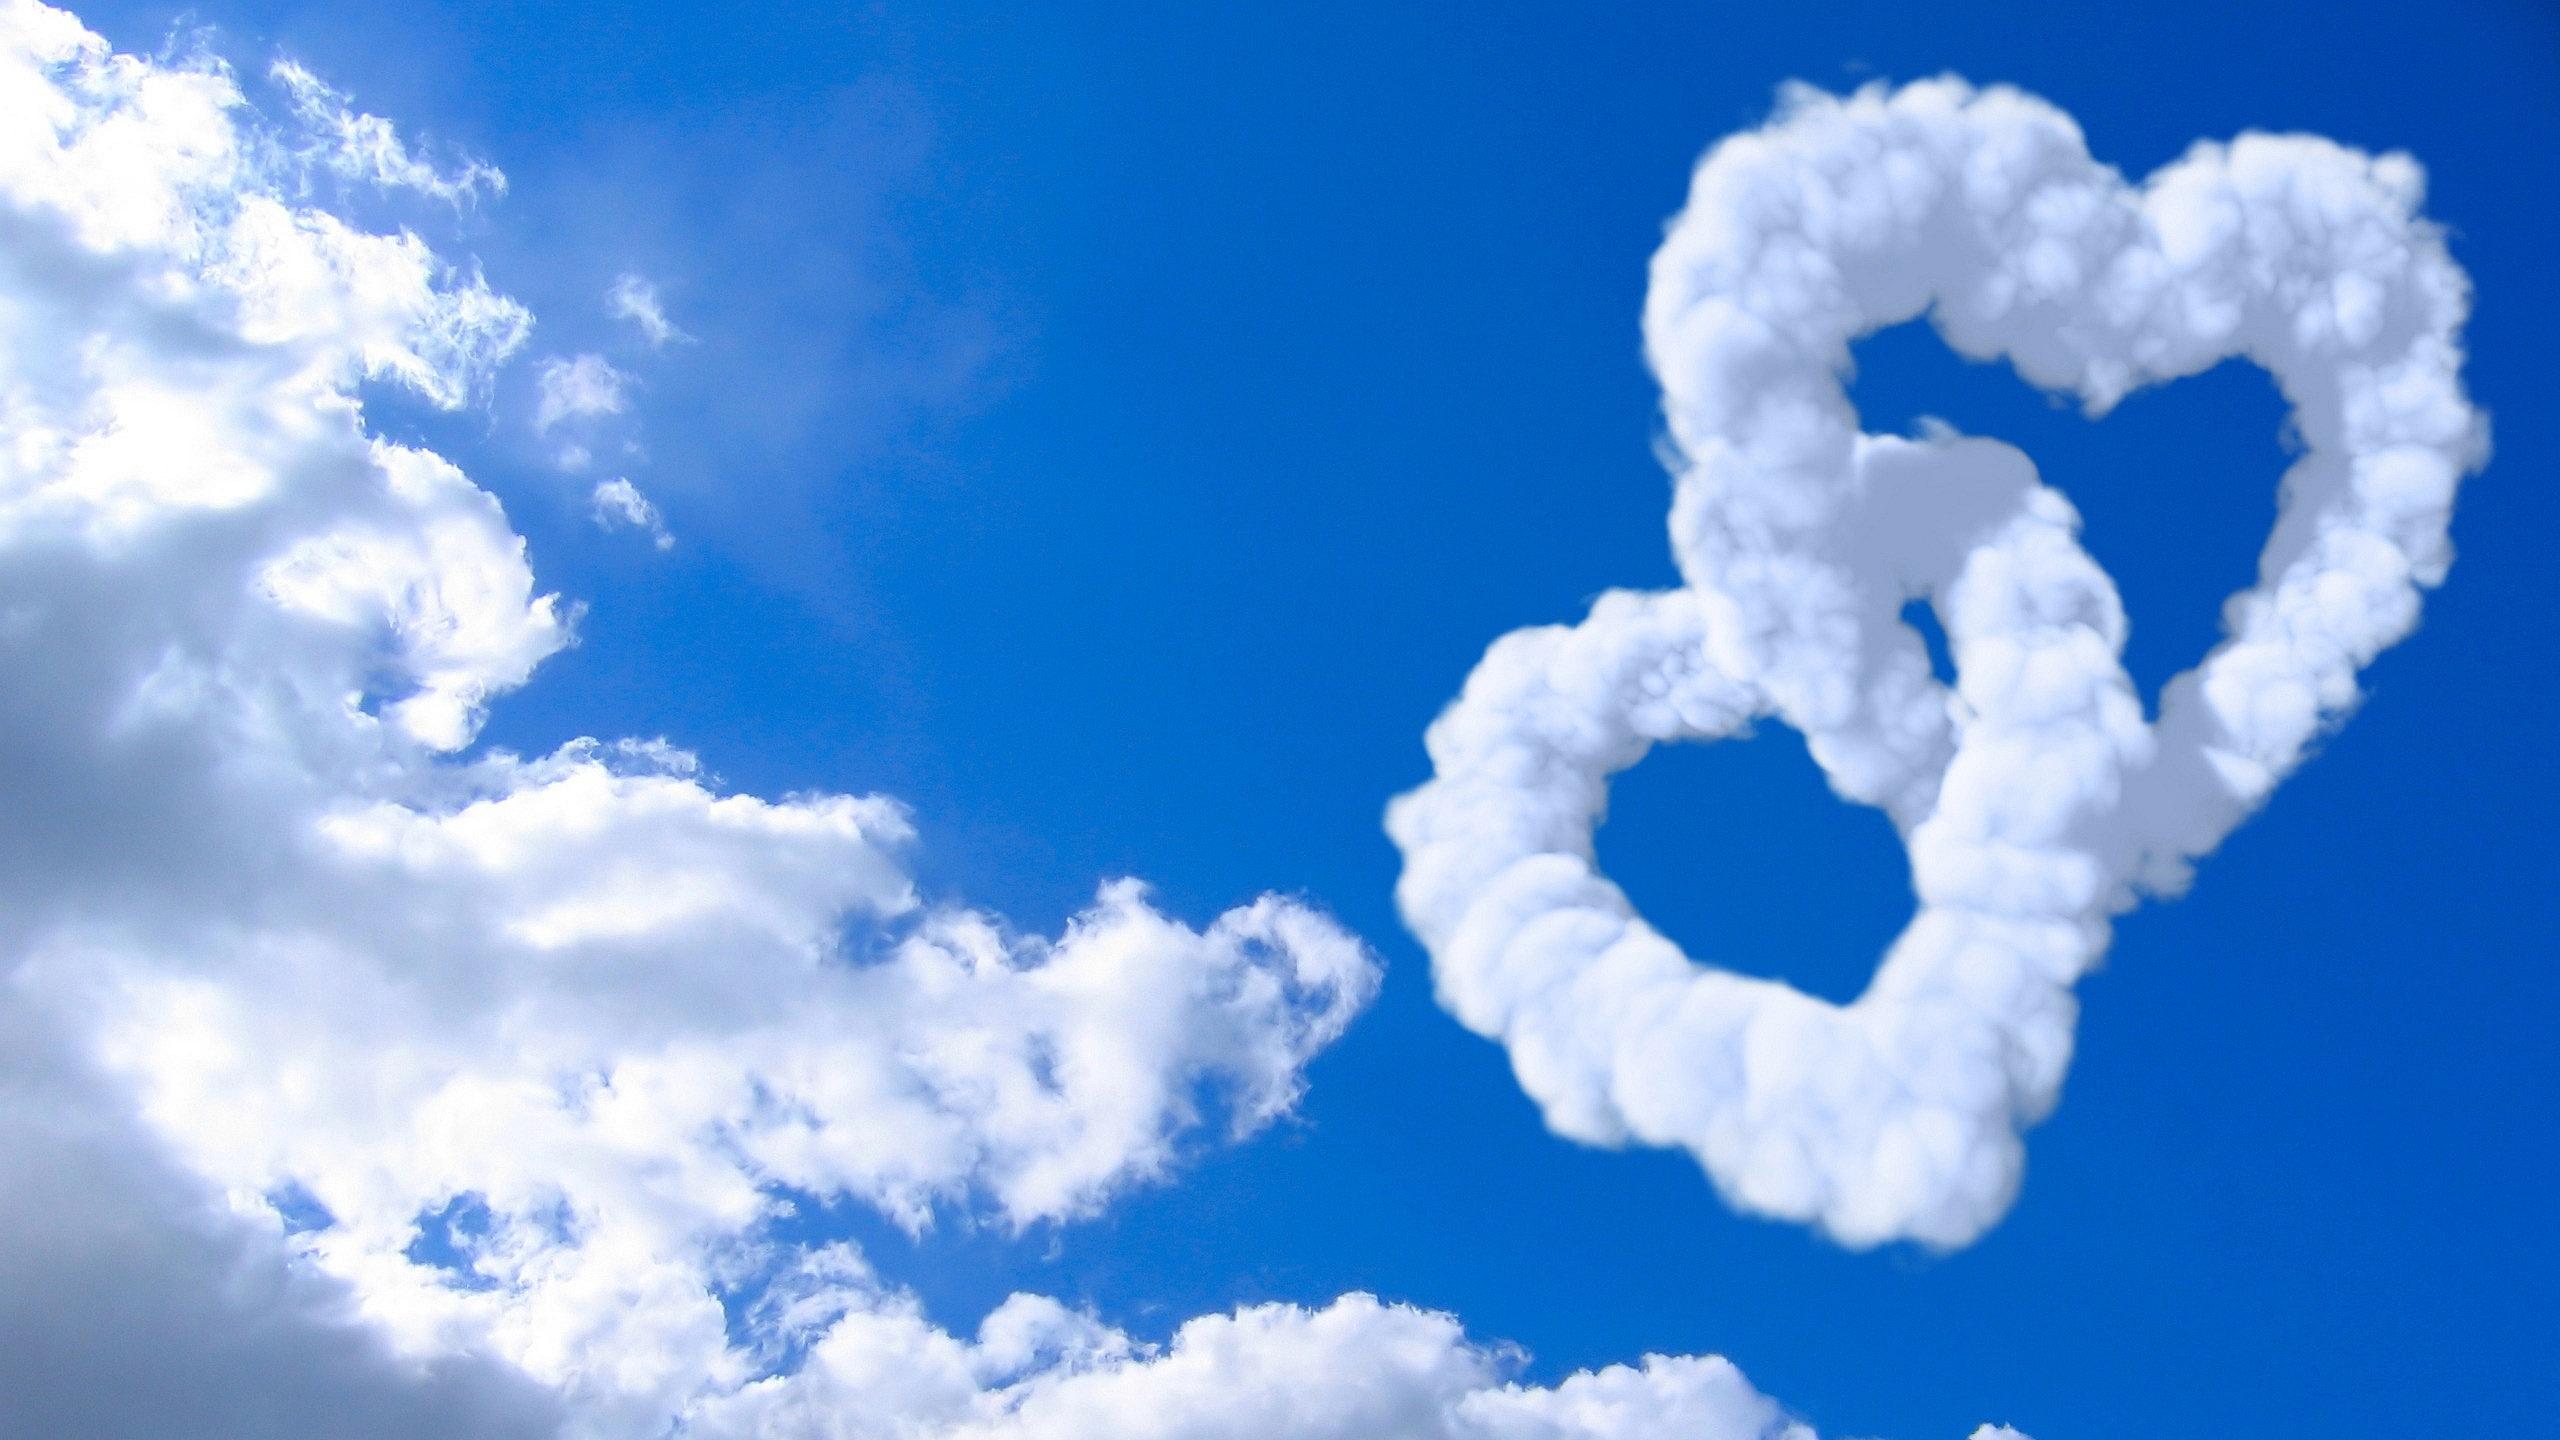 Hình nền mây trái tim